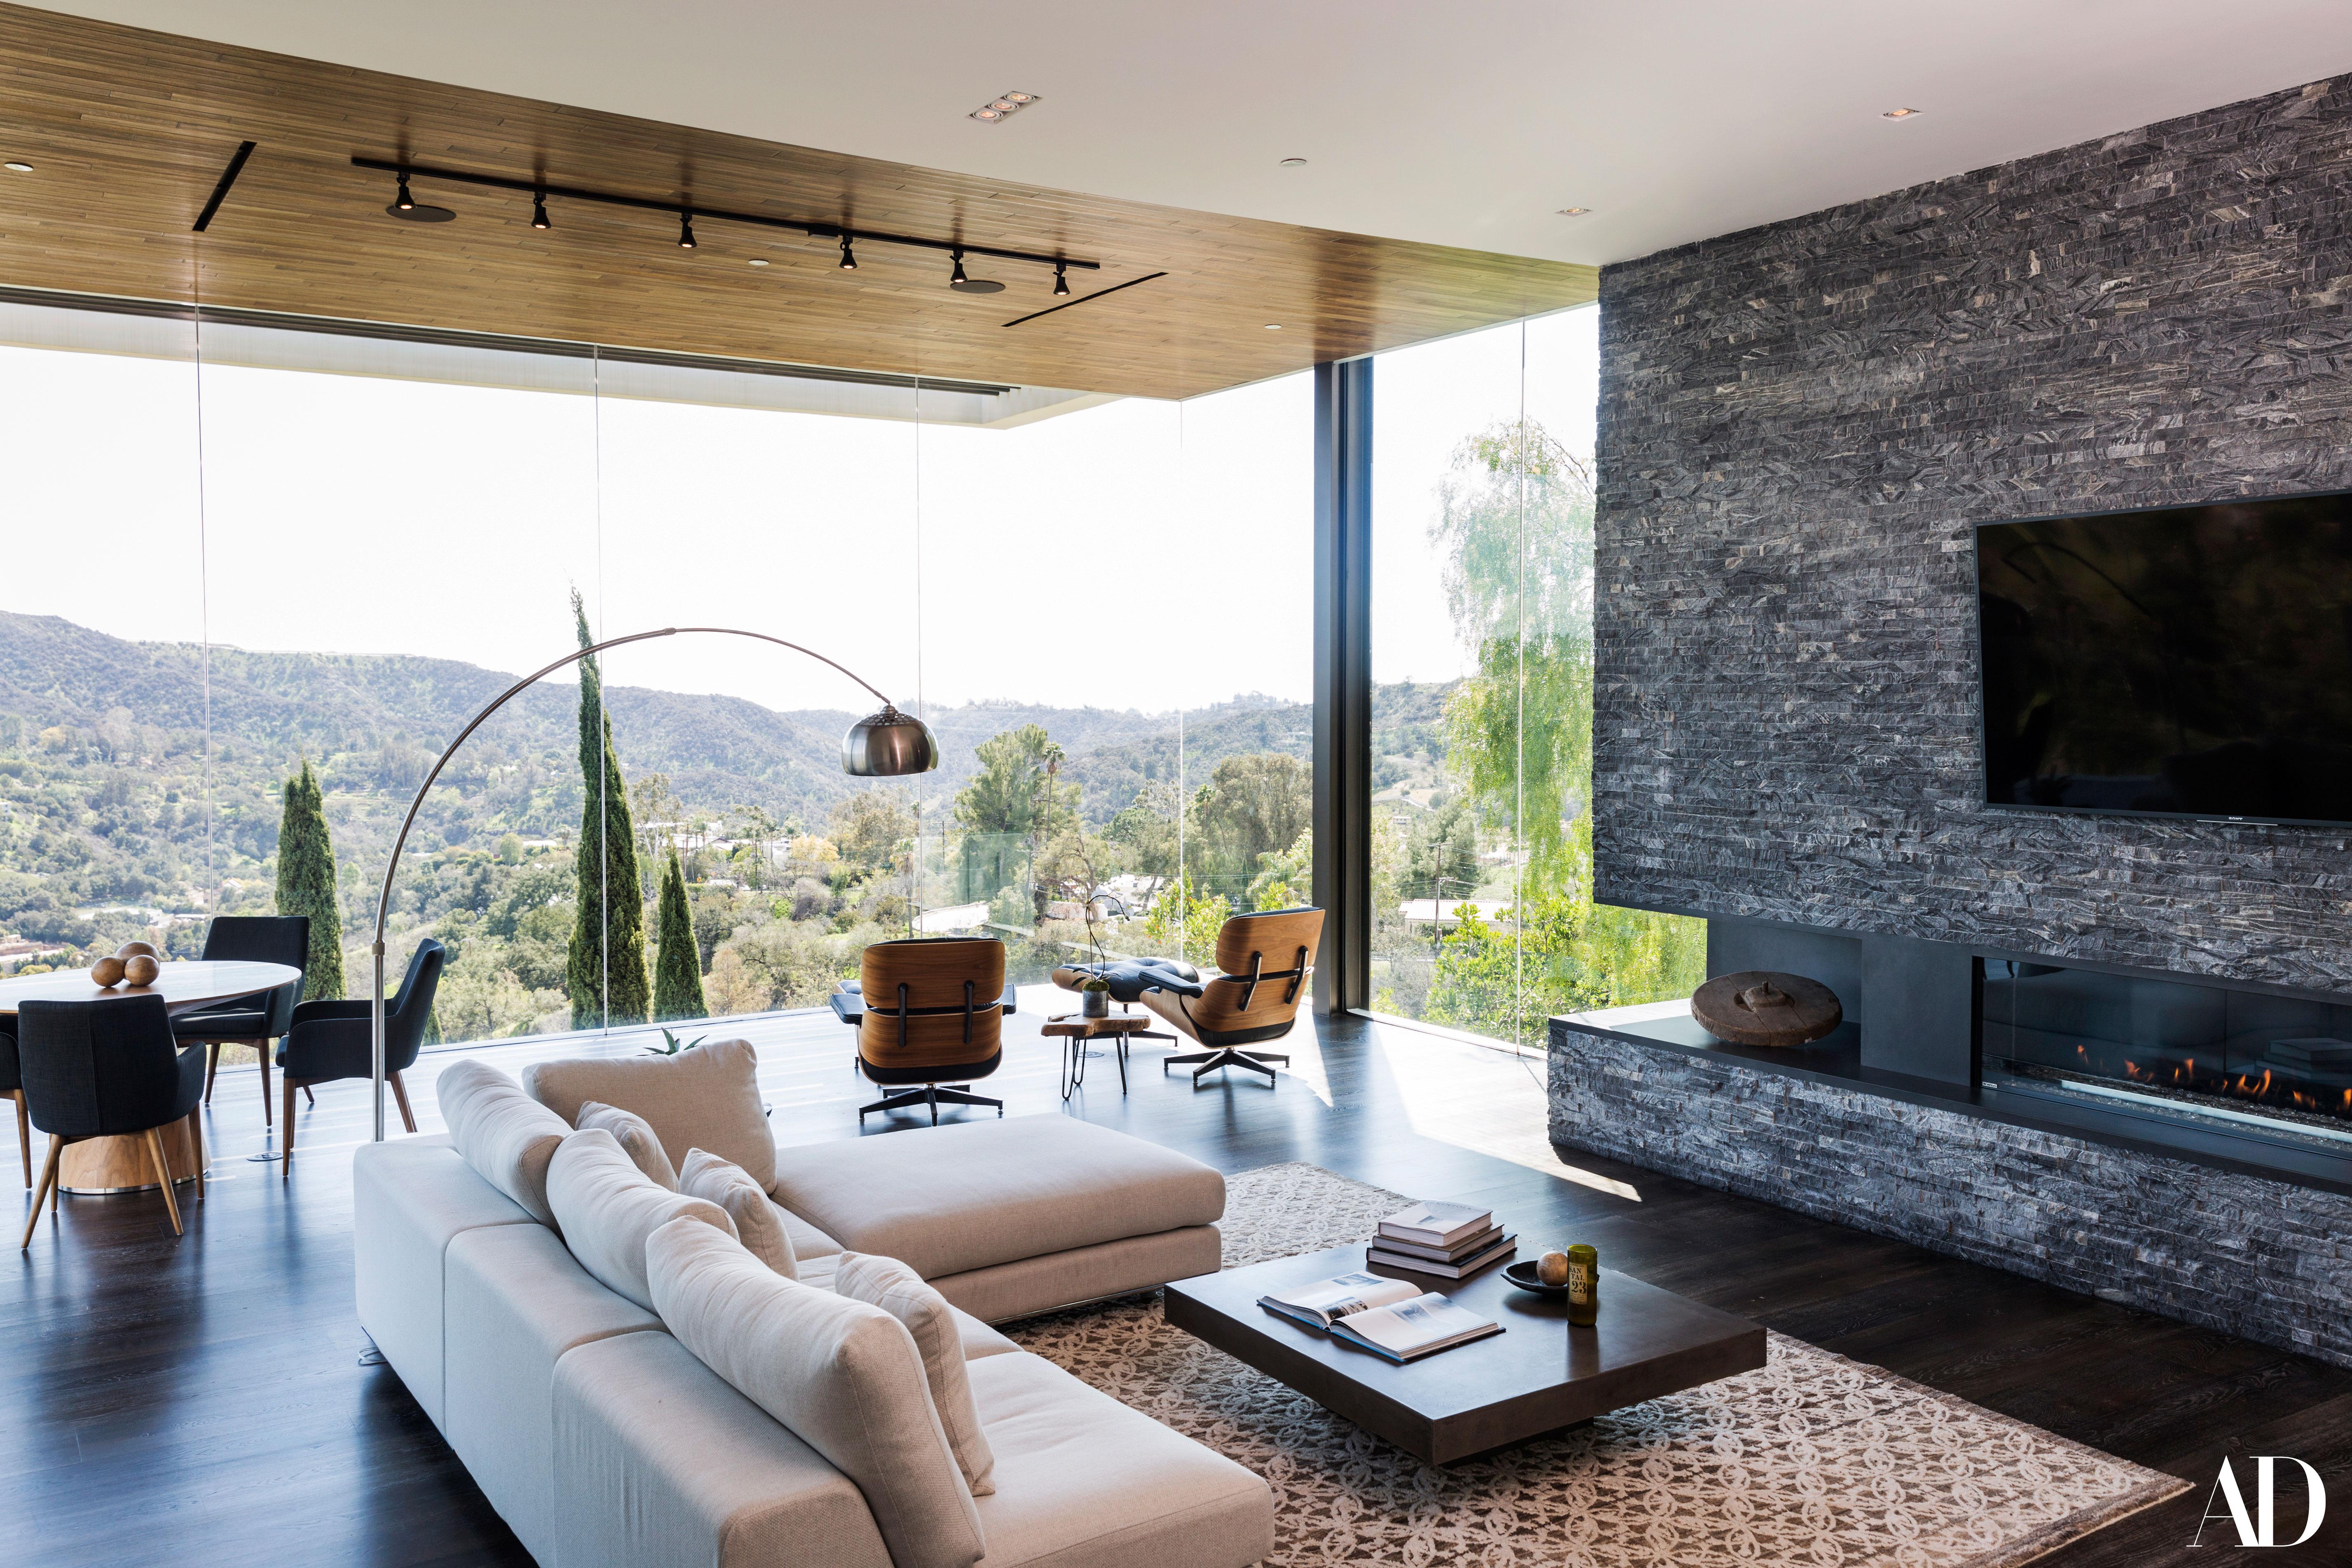 Tour Zedd's Los Angeles house - Curbed LA